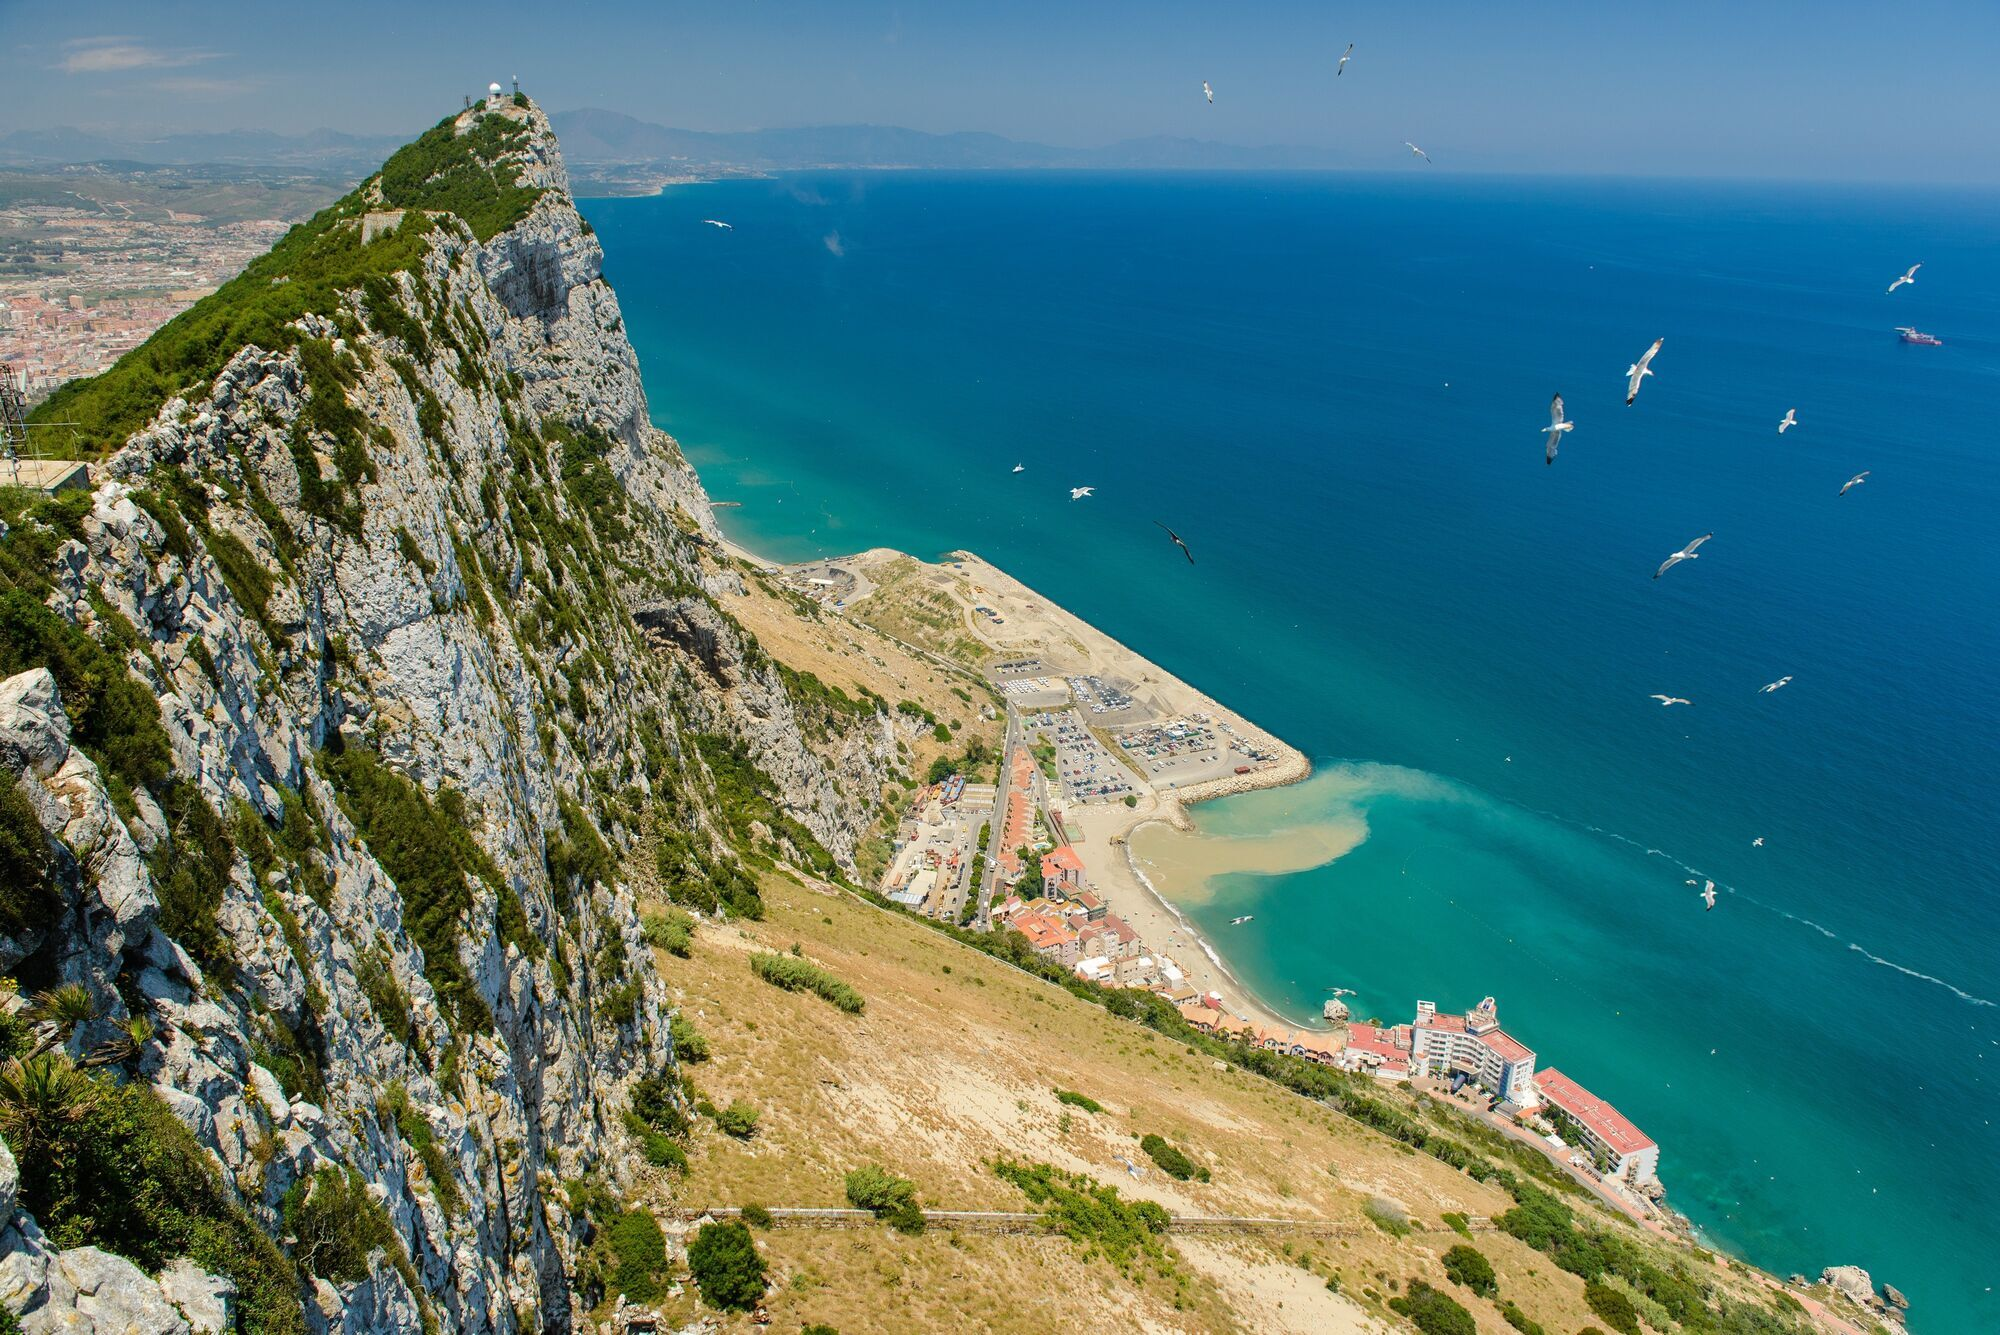 Який вигляд має Гібралтар